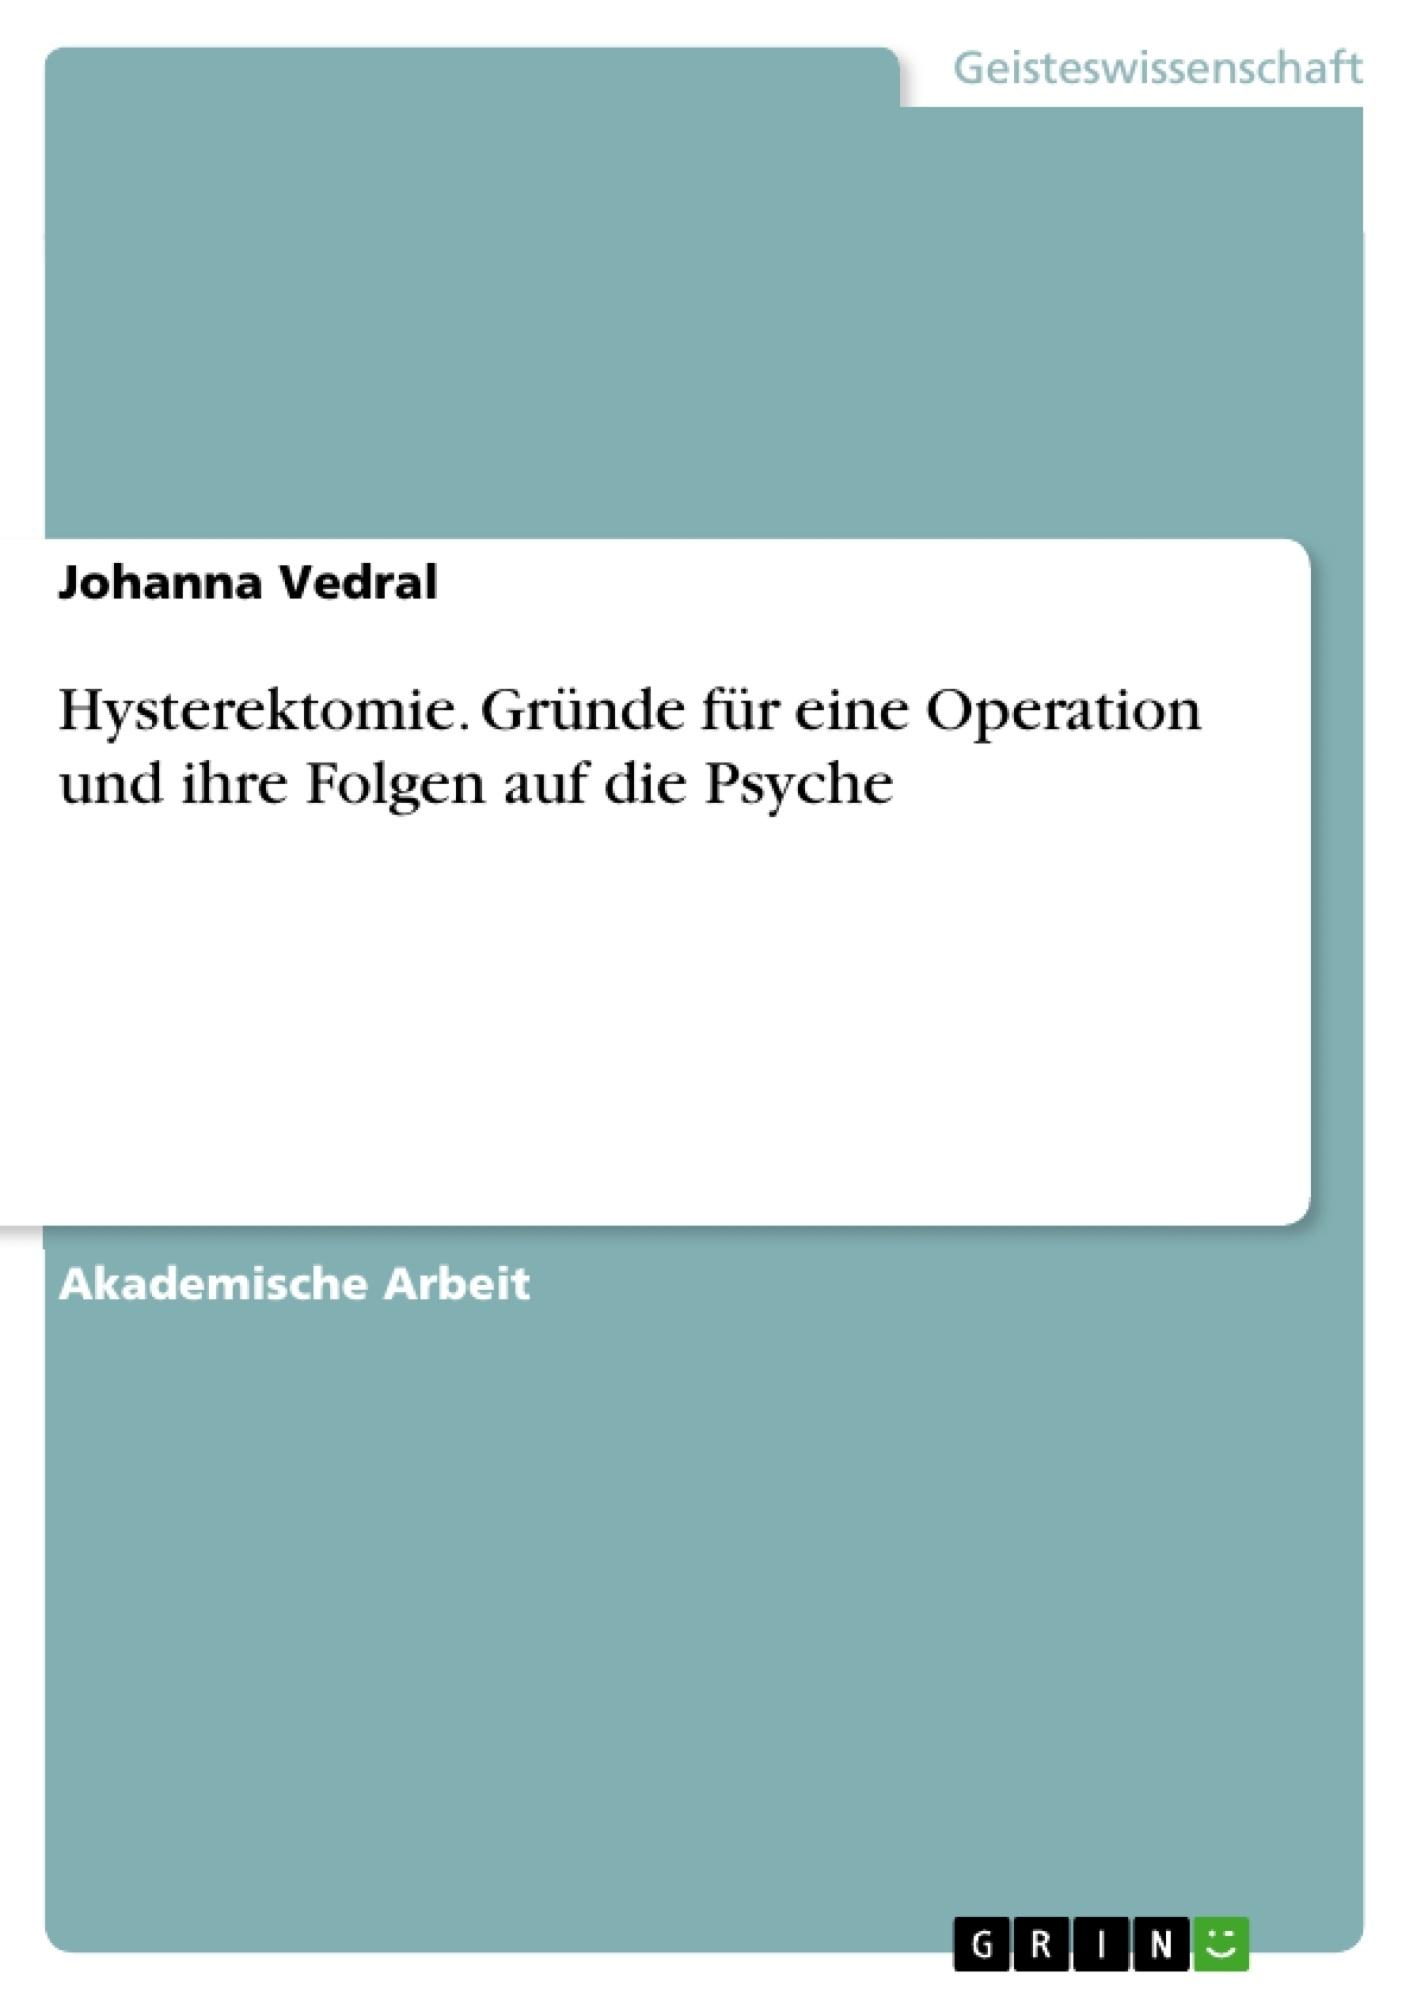 Titel: Hysterektomie. Gründe für eine Operation und ihre Folgen auf die Psyche